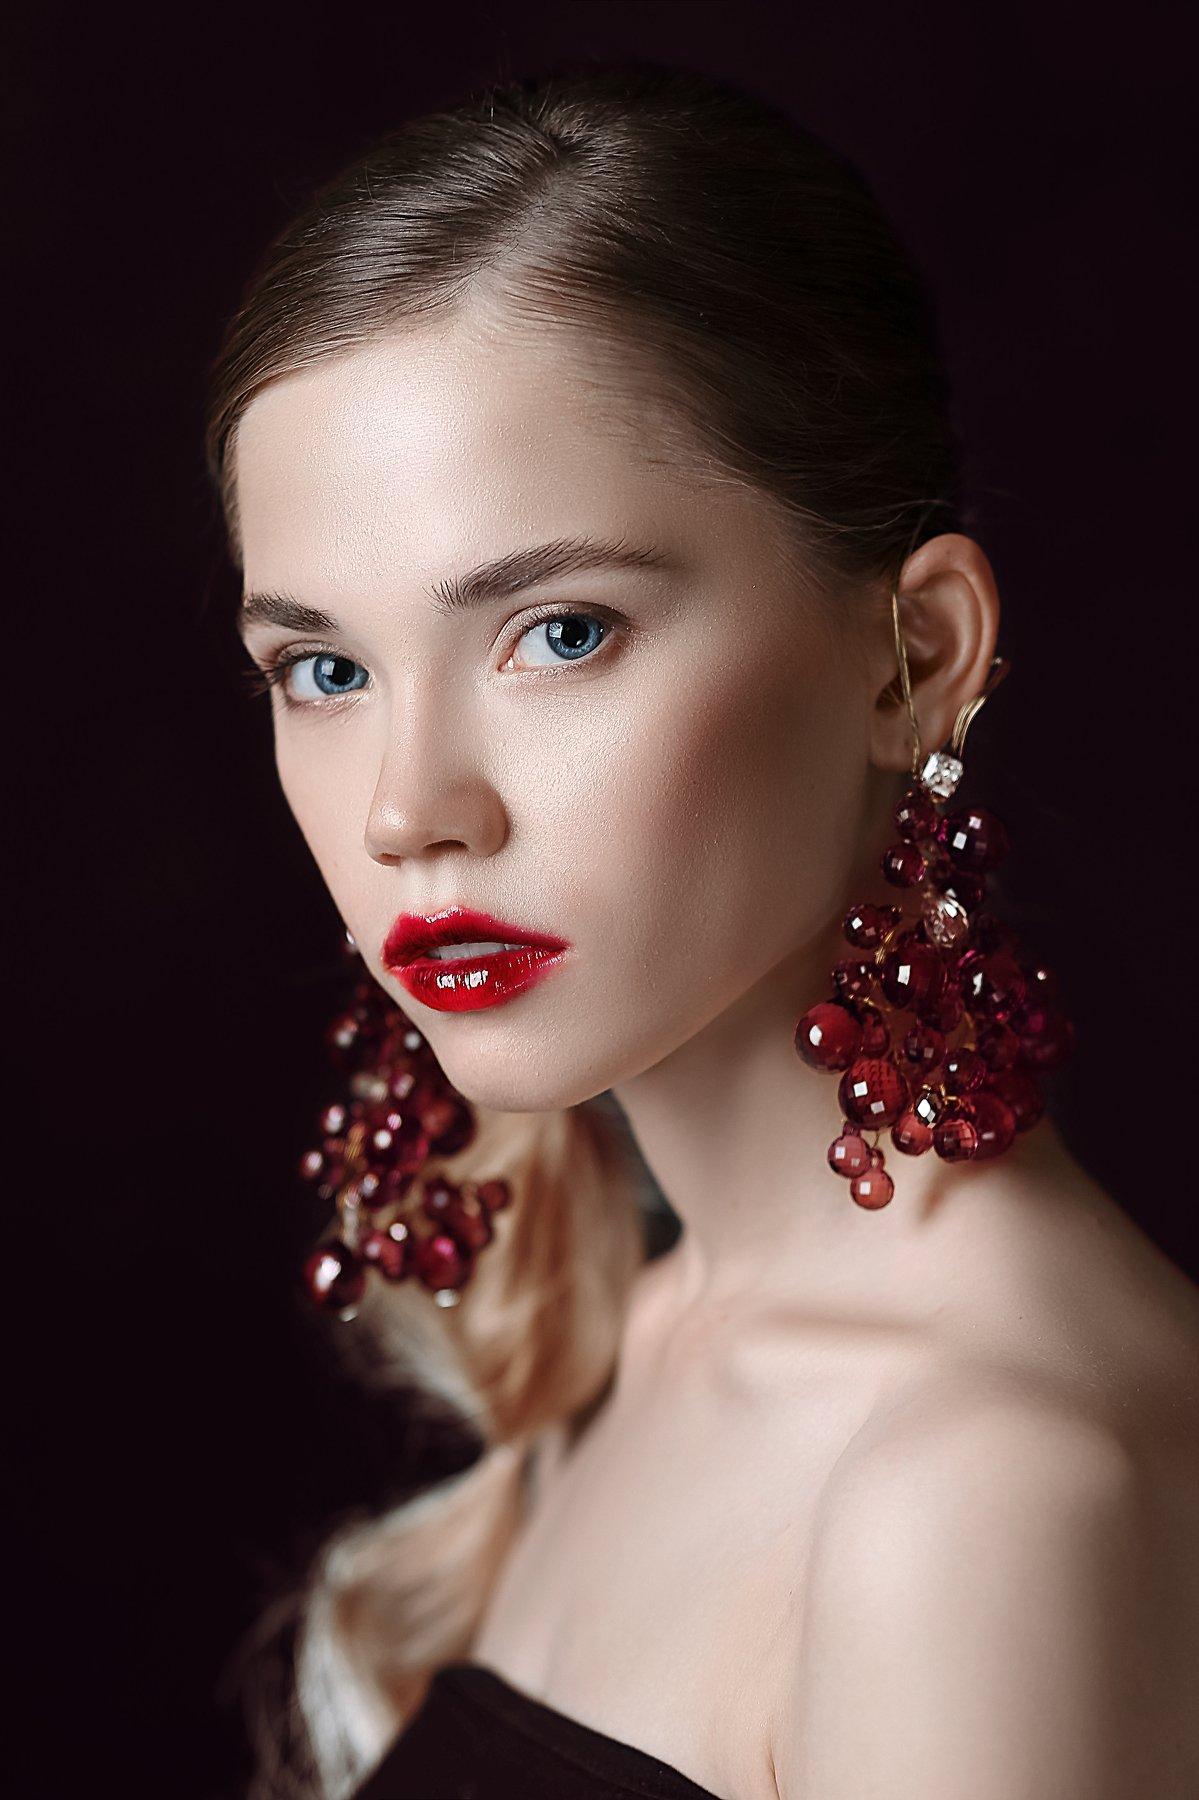 девушка модель арт art портрет бьюти красота street, Баринова Аполлинария